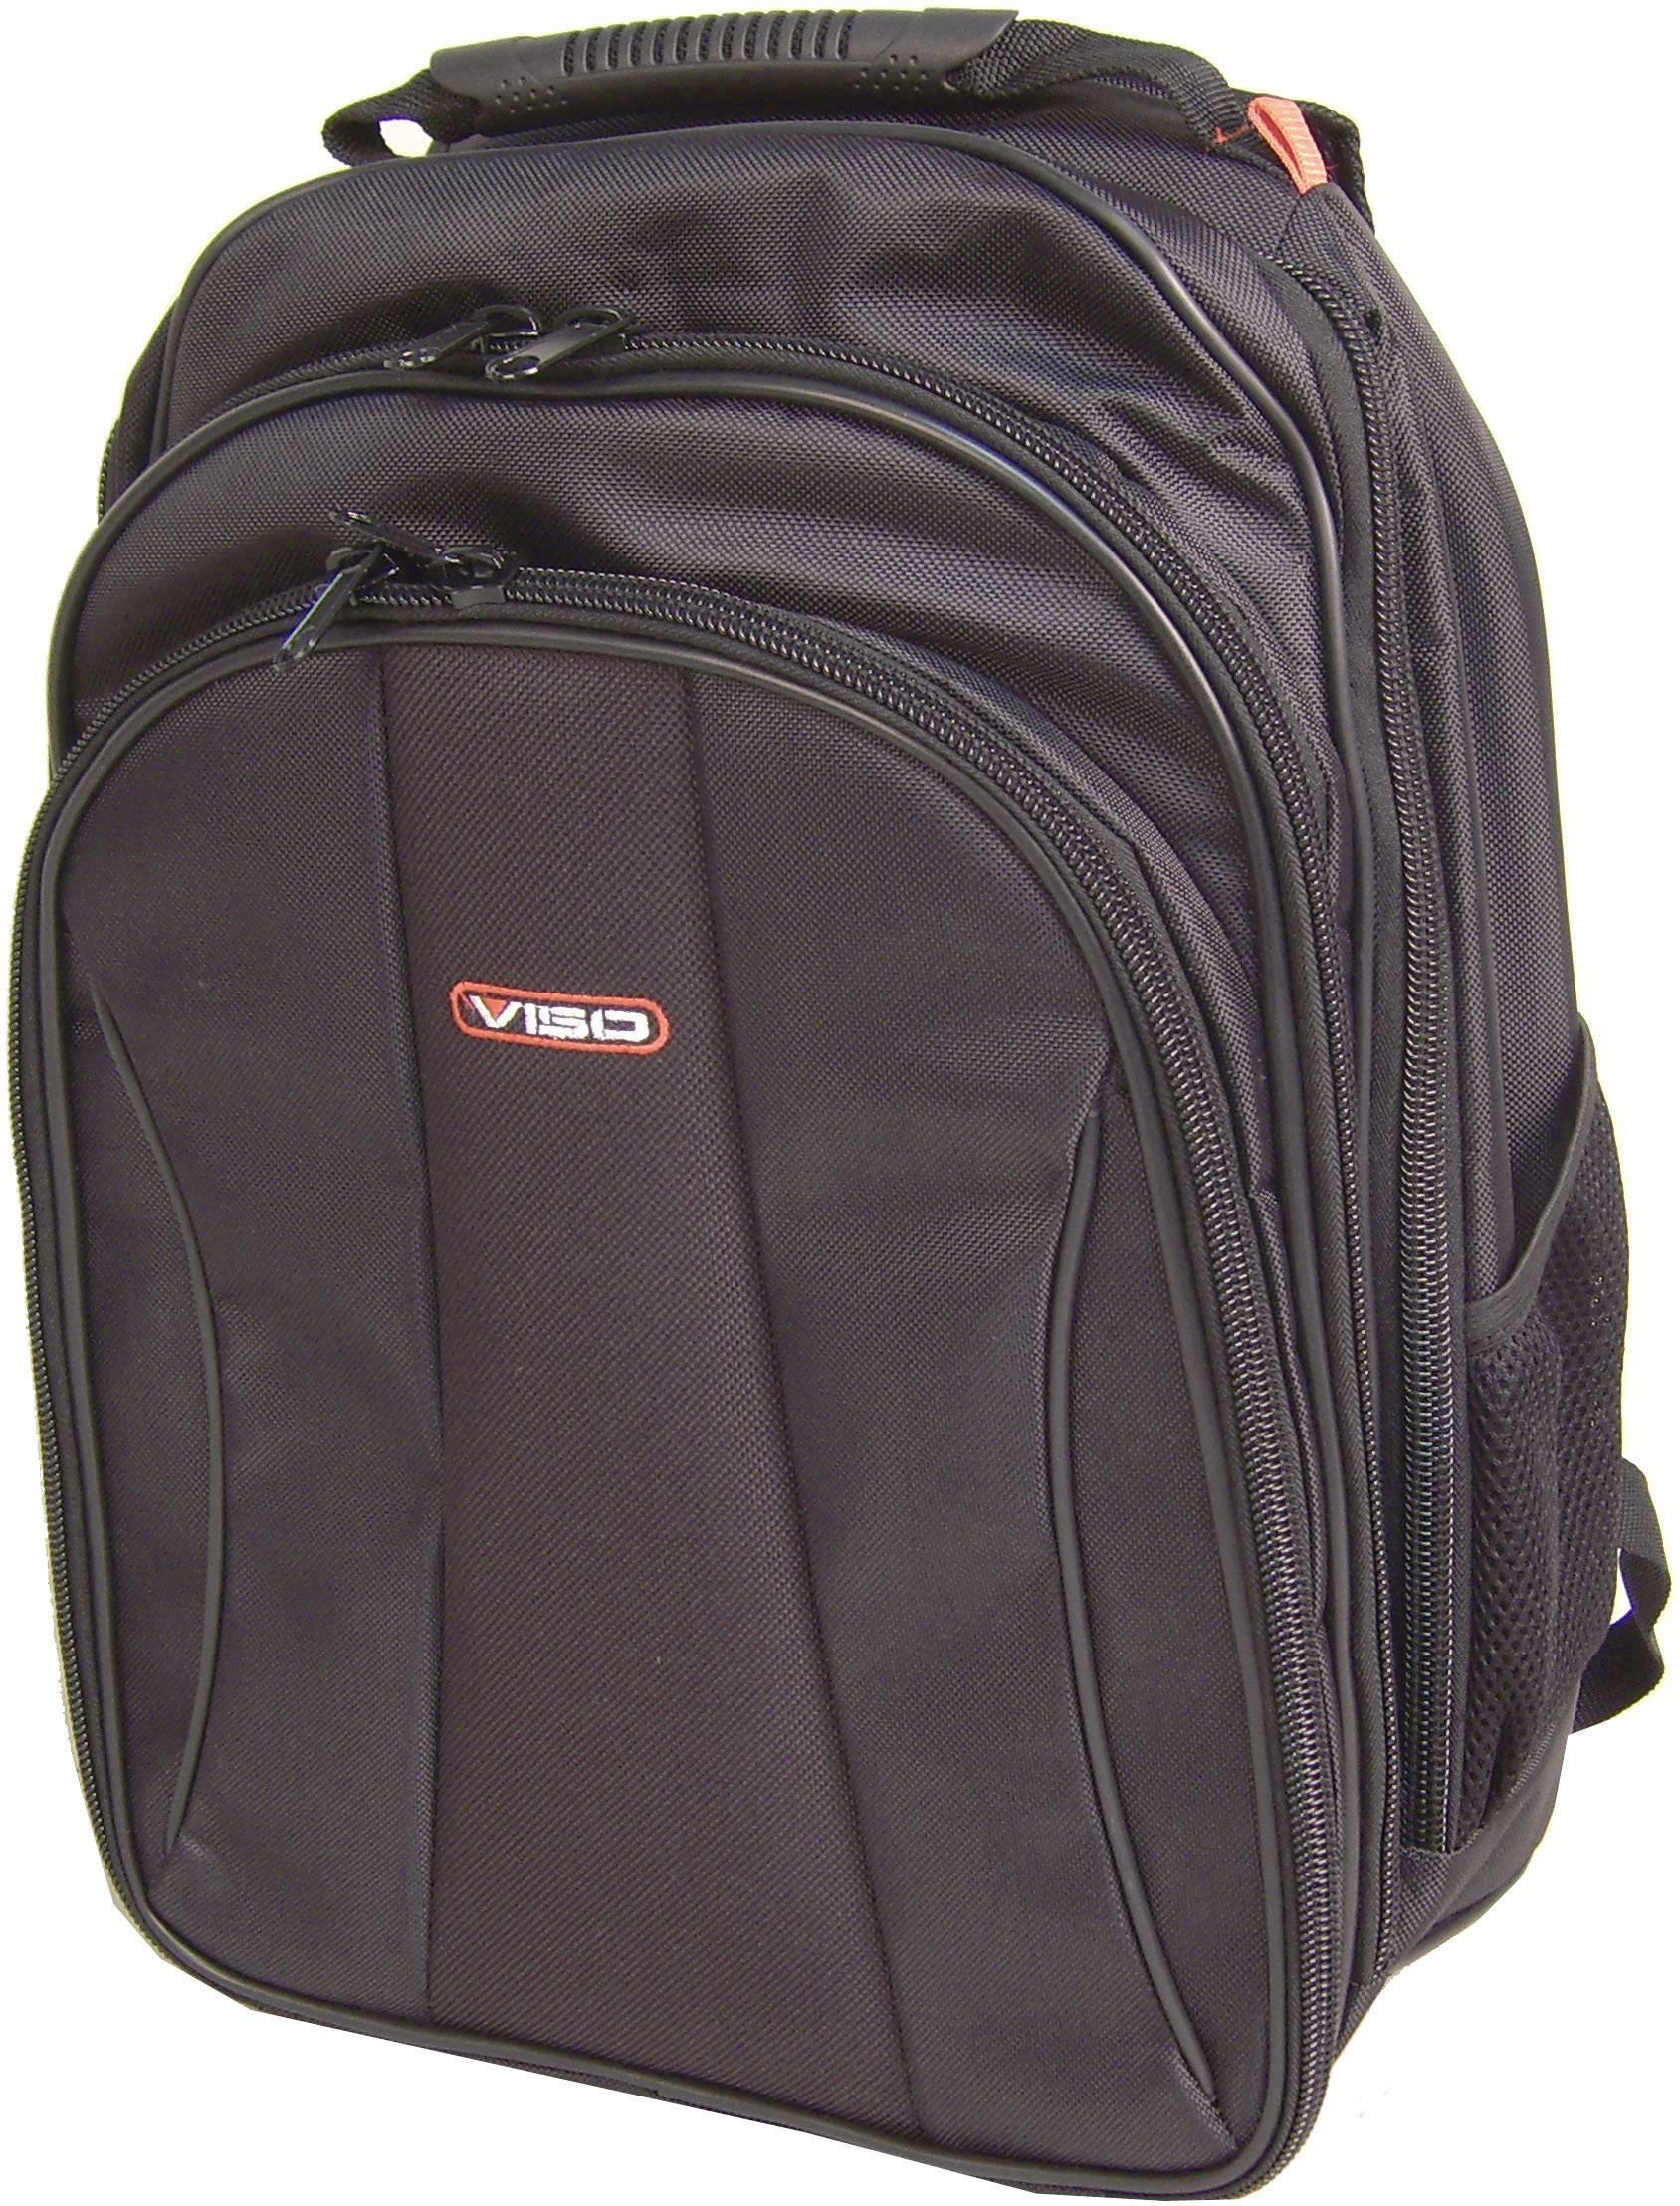 Batoh na nářadí Viso batoh na nářadí, prázdný VISO TOOLTROLLEY, (d x š x v) 340 x 260 x 20 mm